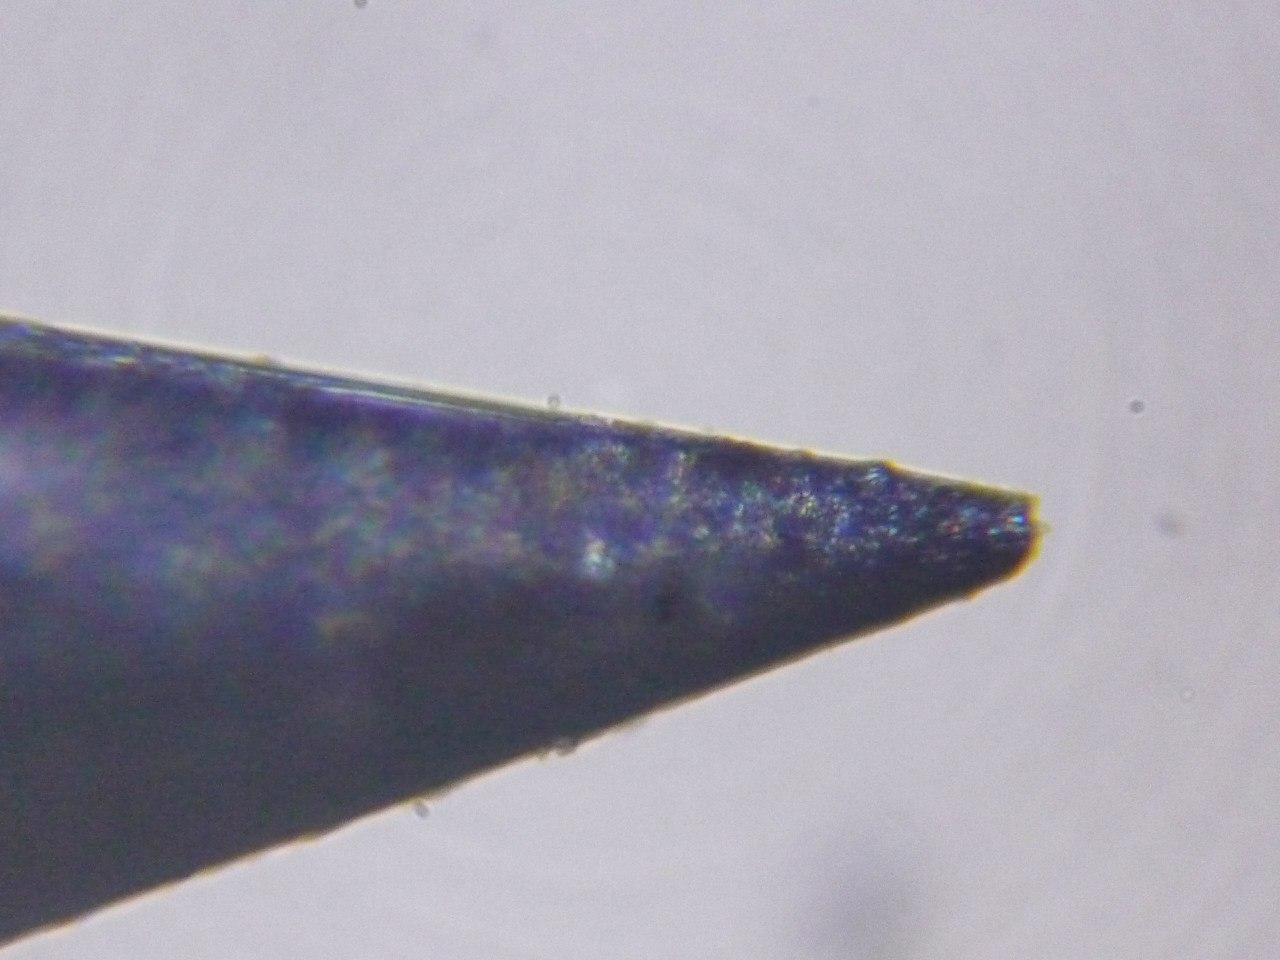 кончик обычной железной булавки под микроскопом